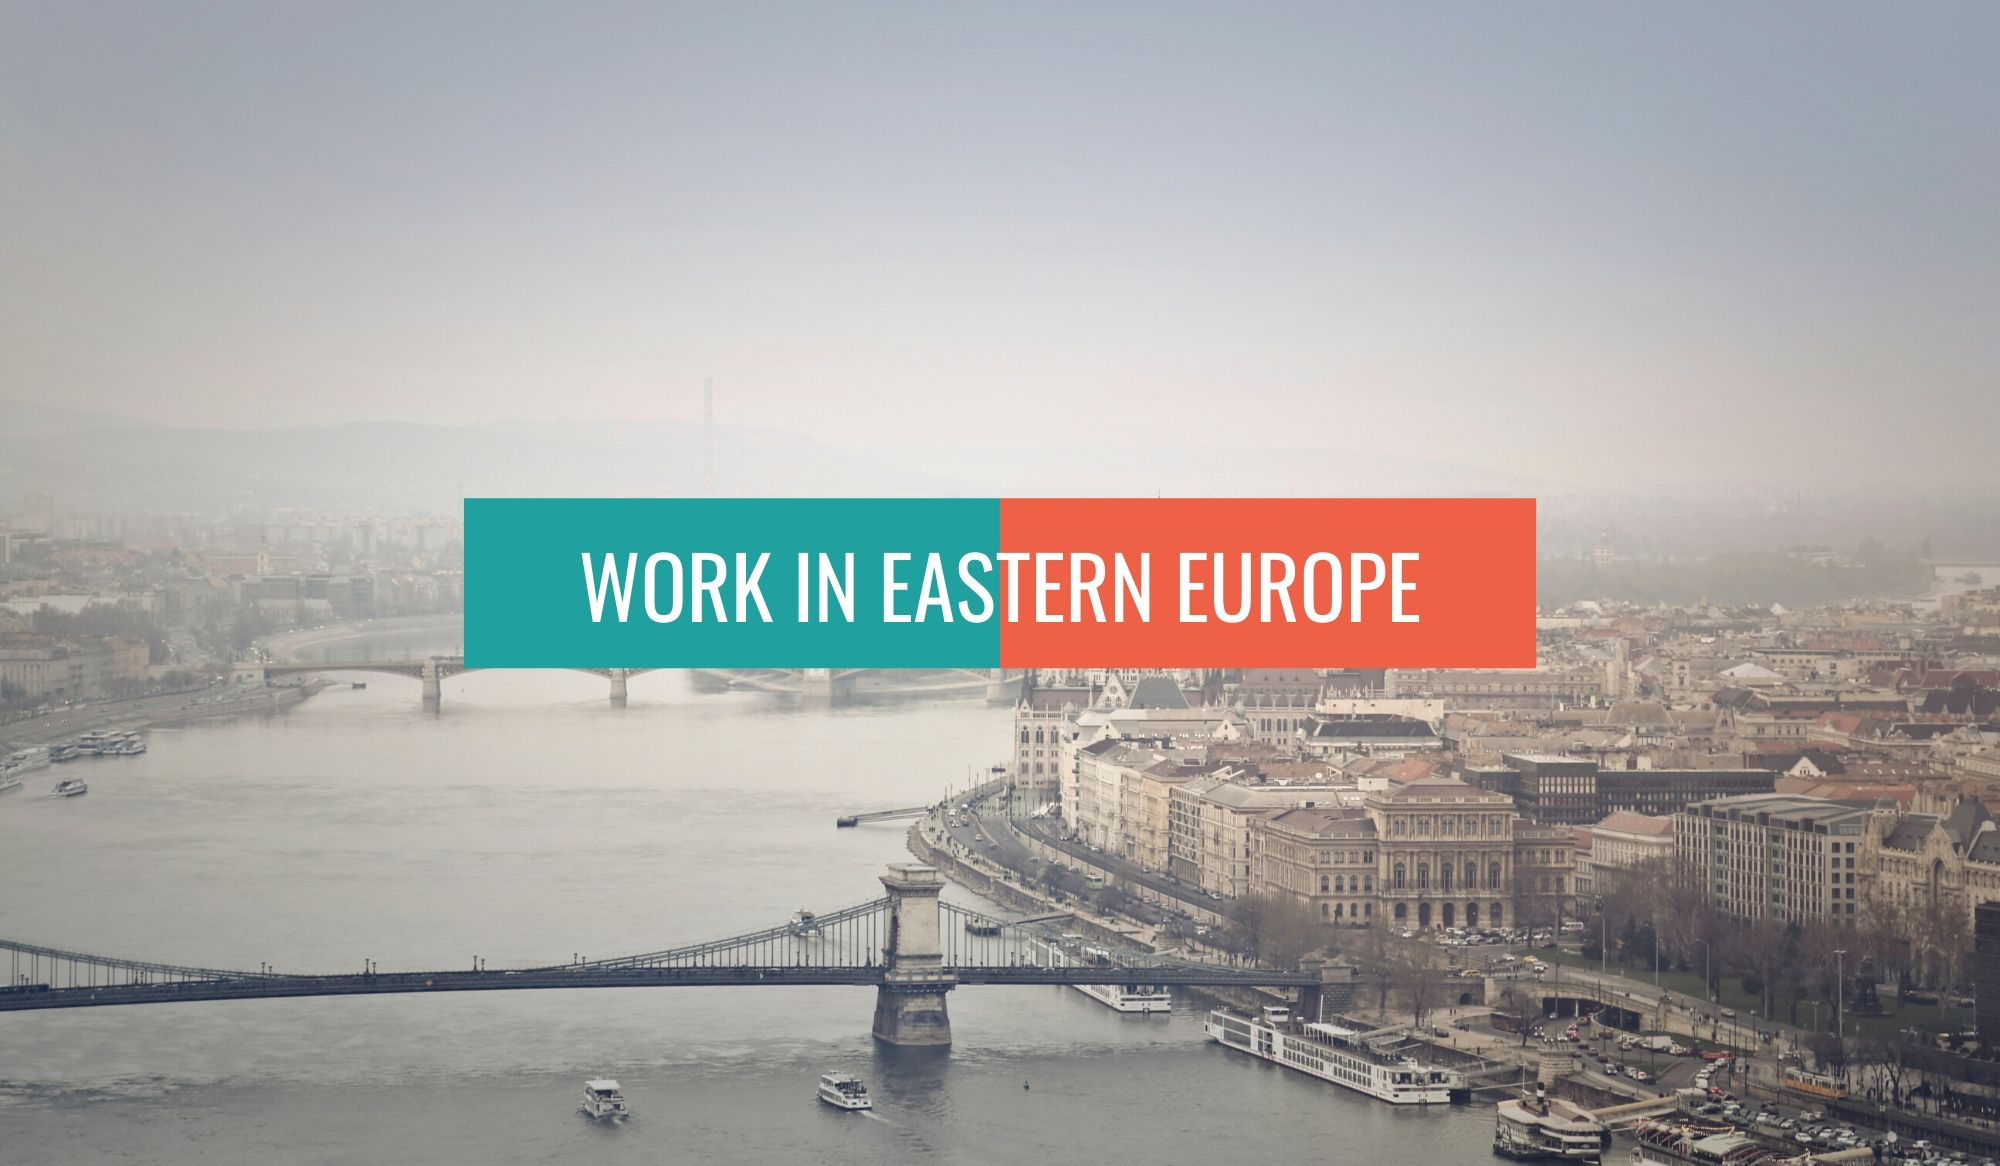 Work in Eastern Europe